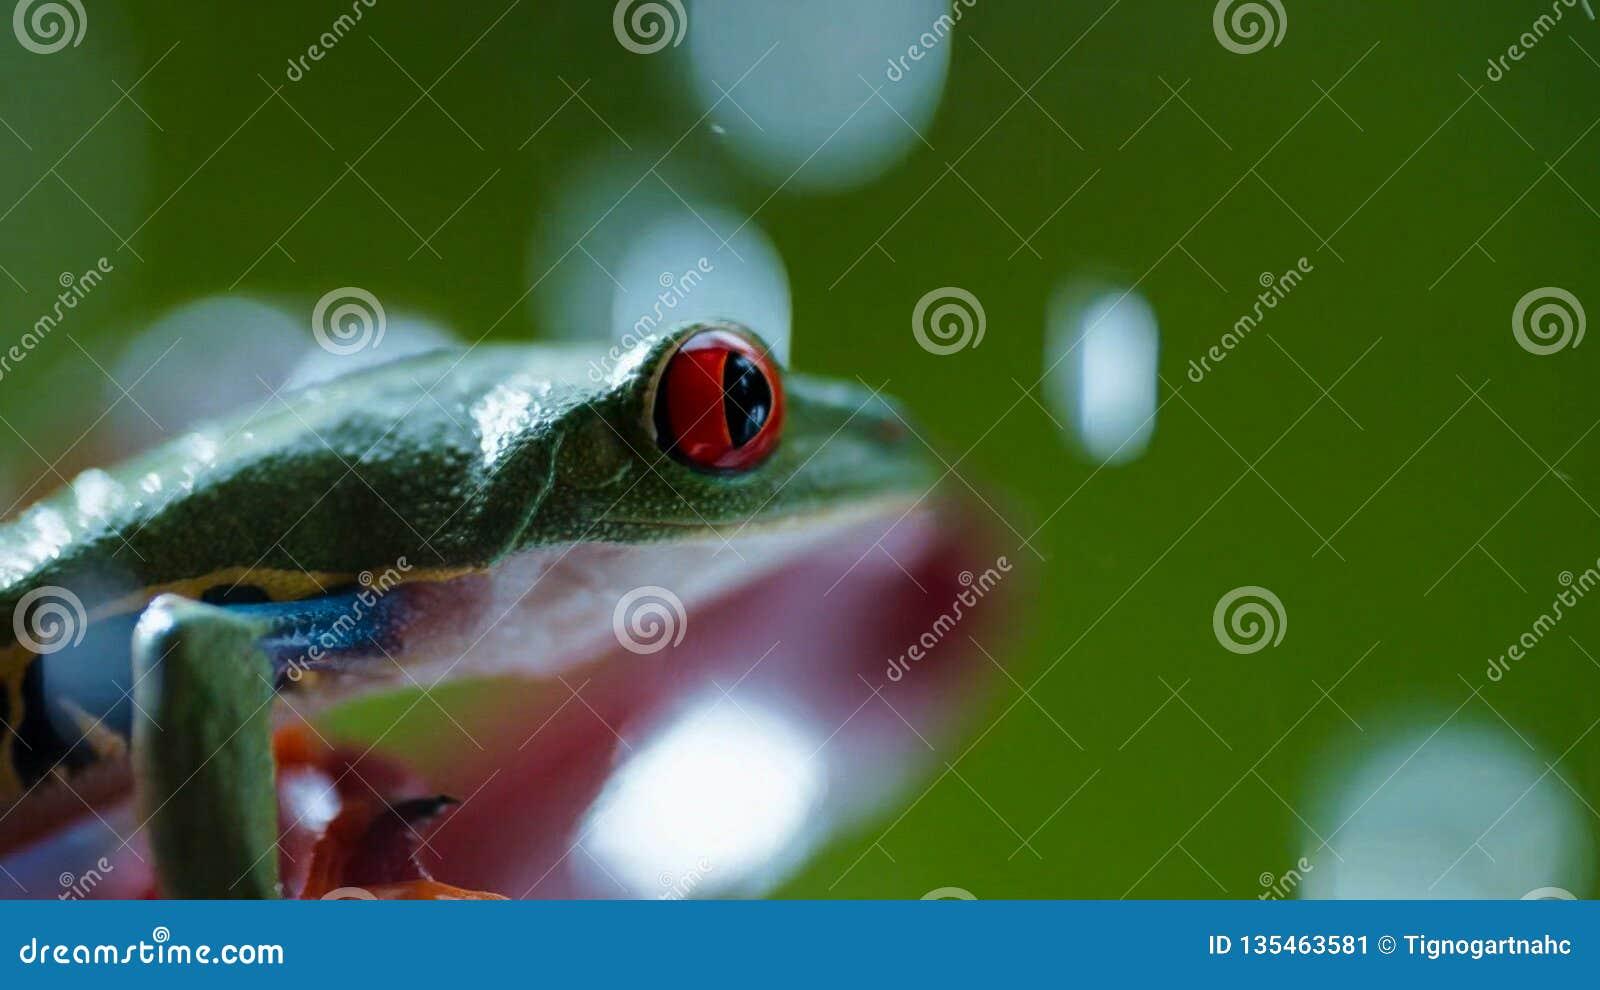 Rana arbórea de ojos enrojecidos Agalychnis Callidryas del Amazonas debajo de la lluvia